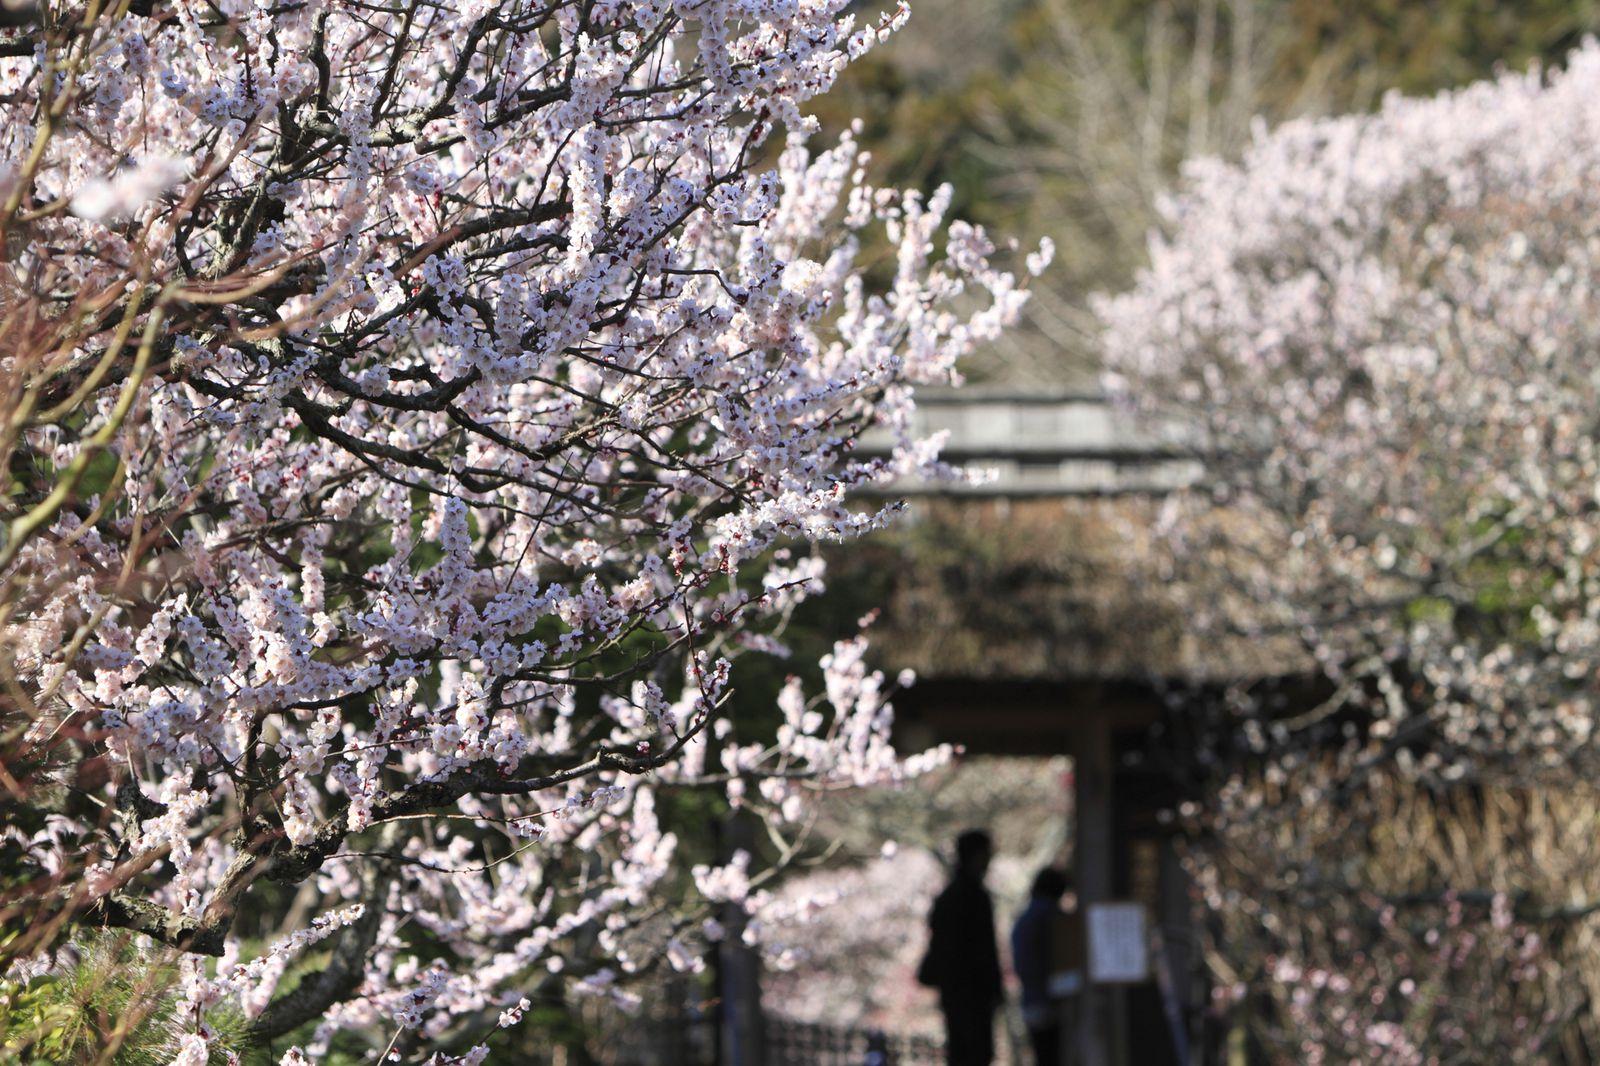 観光で訪れたい人気スポット!鎌倉のおすすめ神社・寺ランキングTOP15 4枚目の画像